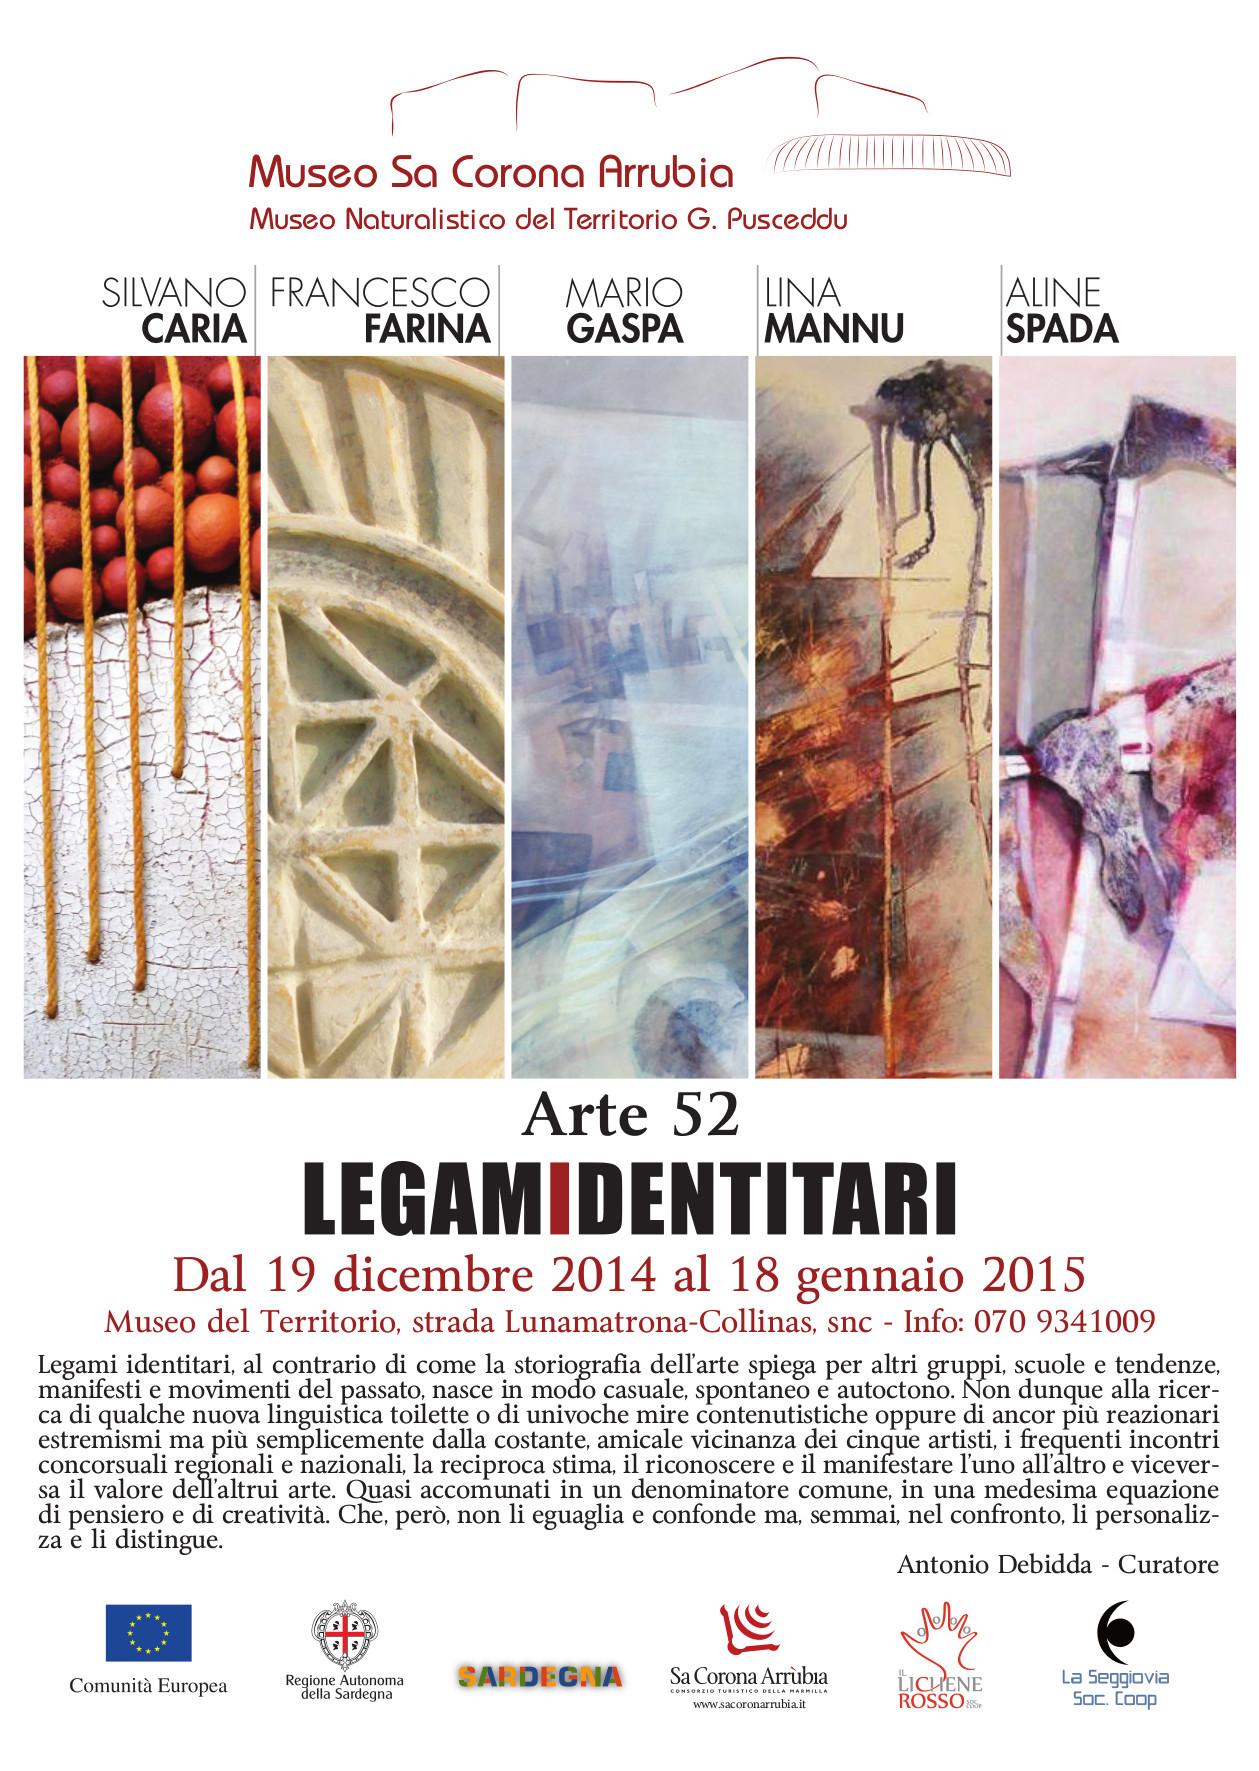 """""""LEGAMIDENTITARI"""" Dal 19 dicembre al 18 gennaio 2015 Museo naturalistico del territorio """"G. Pusceddu"""" Strada Lunamatrona-Collinas"""